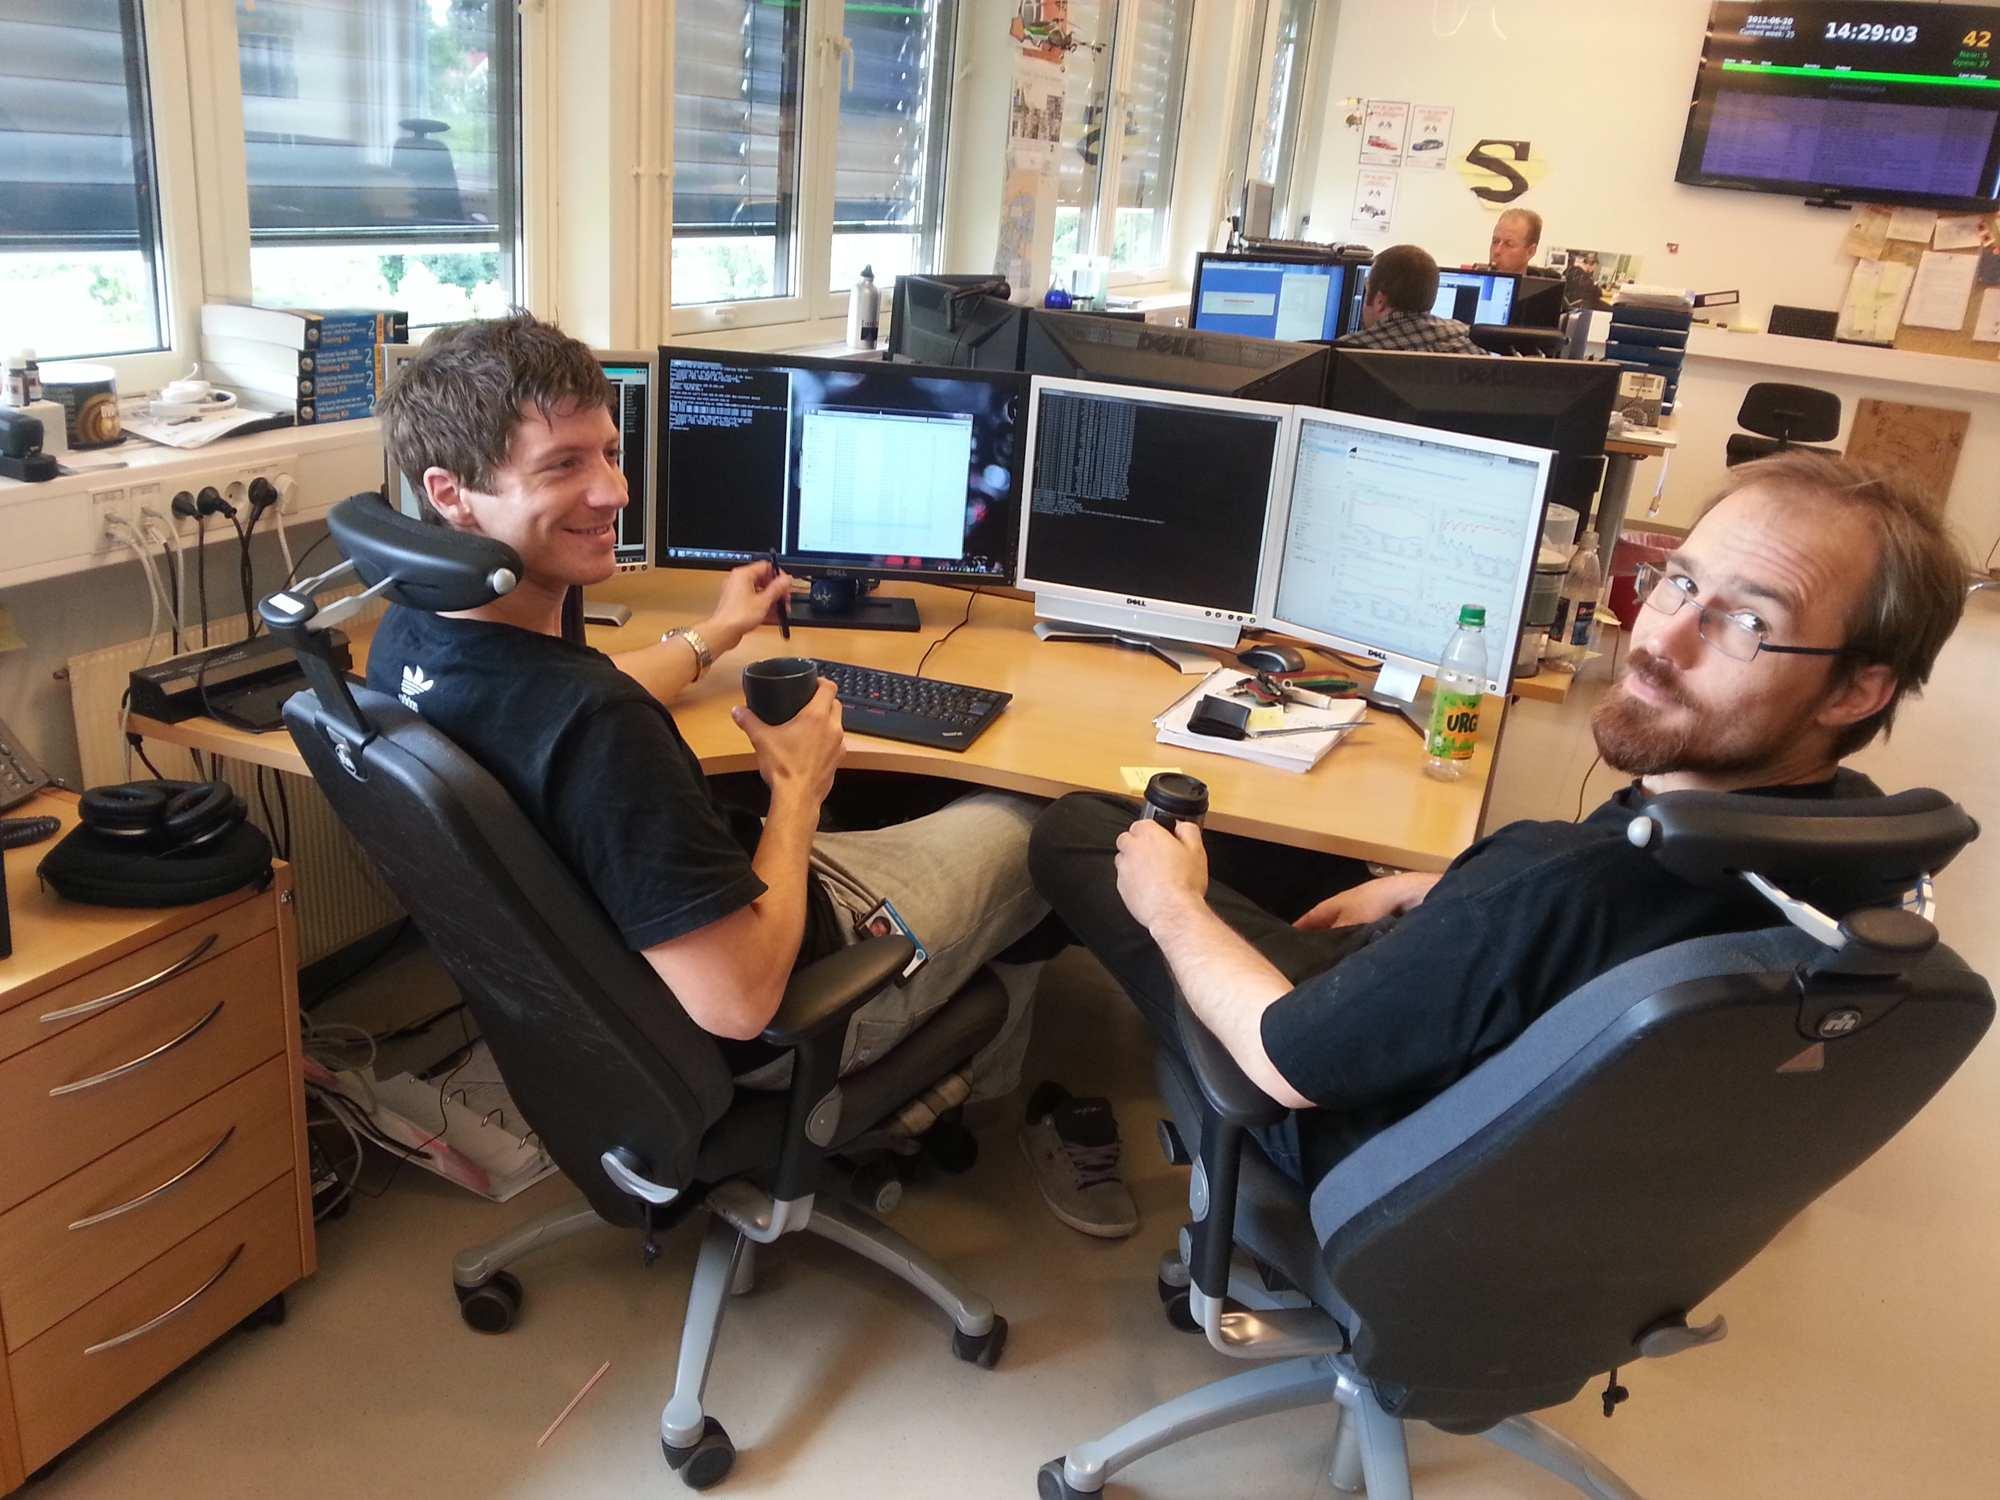 Kjetil Høyme til venstre sammen med Cisco-instruktør Jon Langseth. Kjetil ble ansatt ved skolen etter ferdig bachelor i drift.